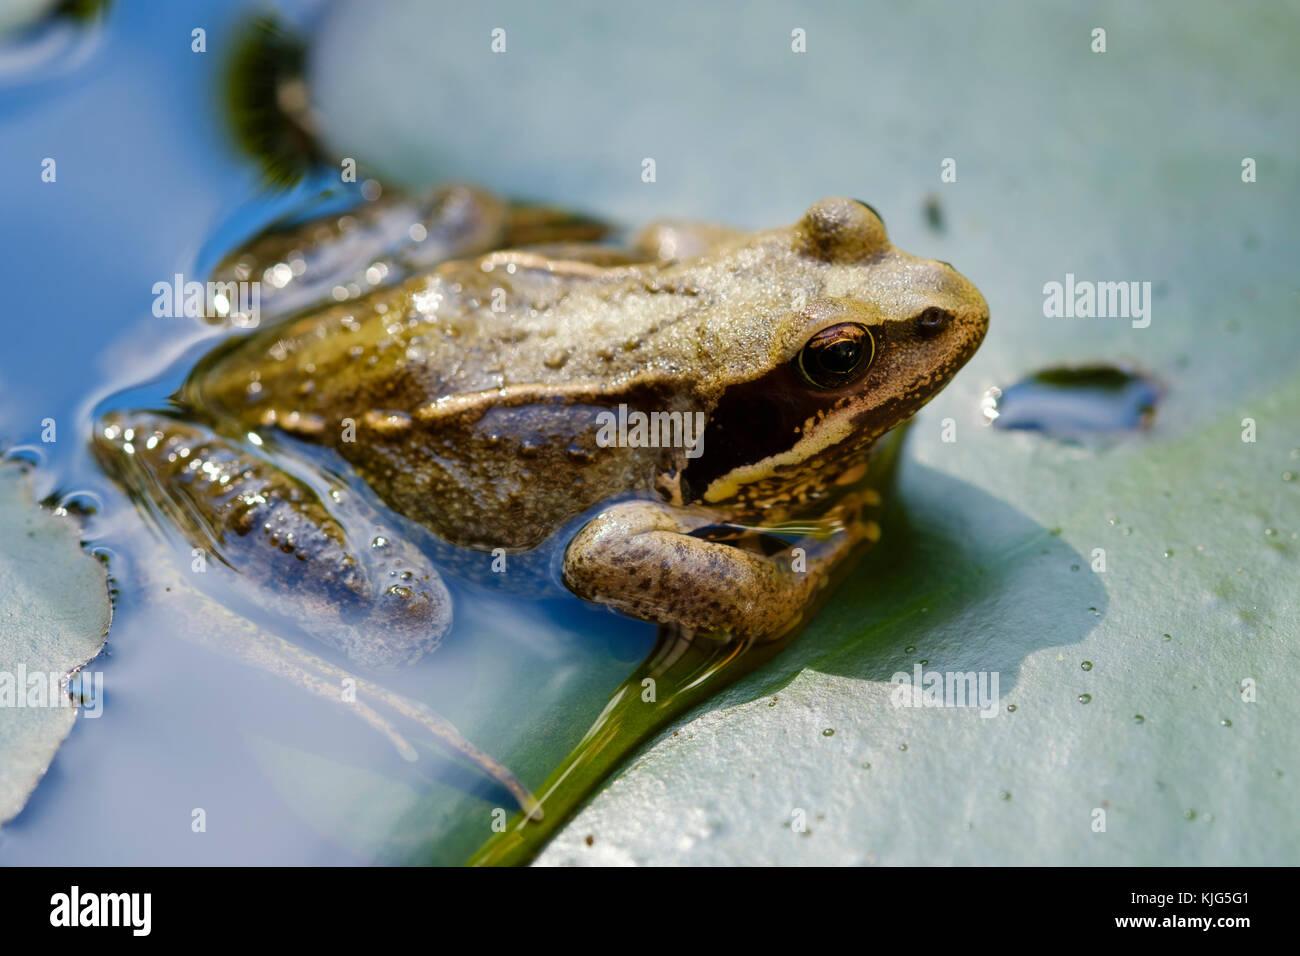 Grasfrosch (Rana temporaria) sitzt auf Blatt von Seerose, Bayern, Deutschland - Stock Image